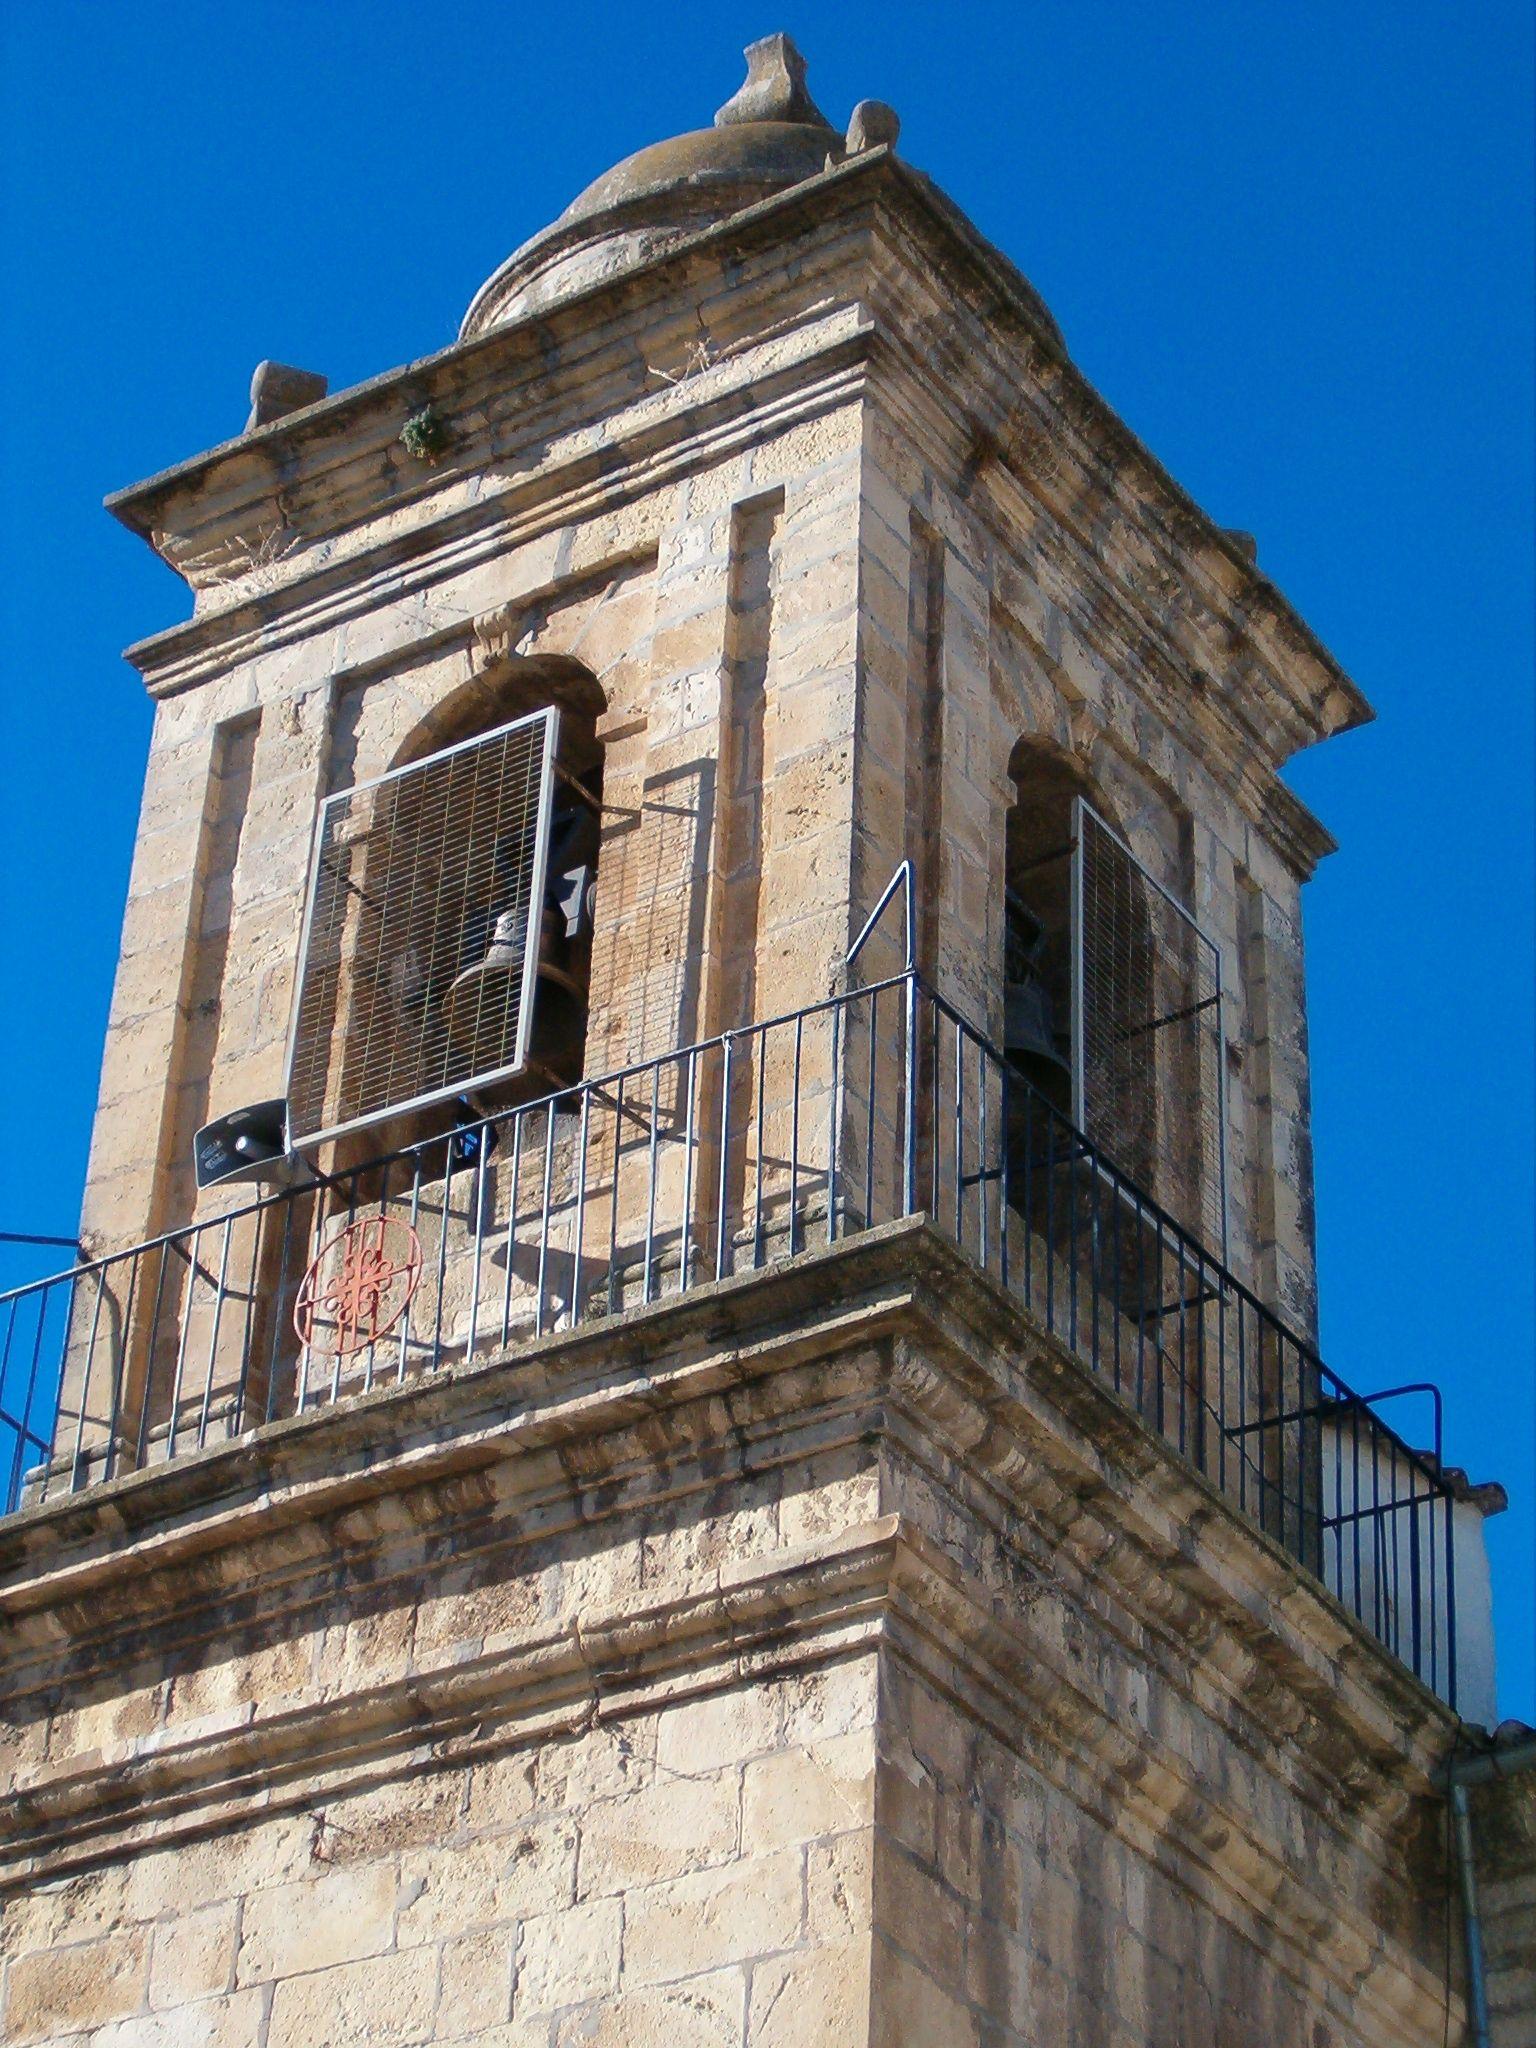 campanario de la iglesia de San Amador